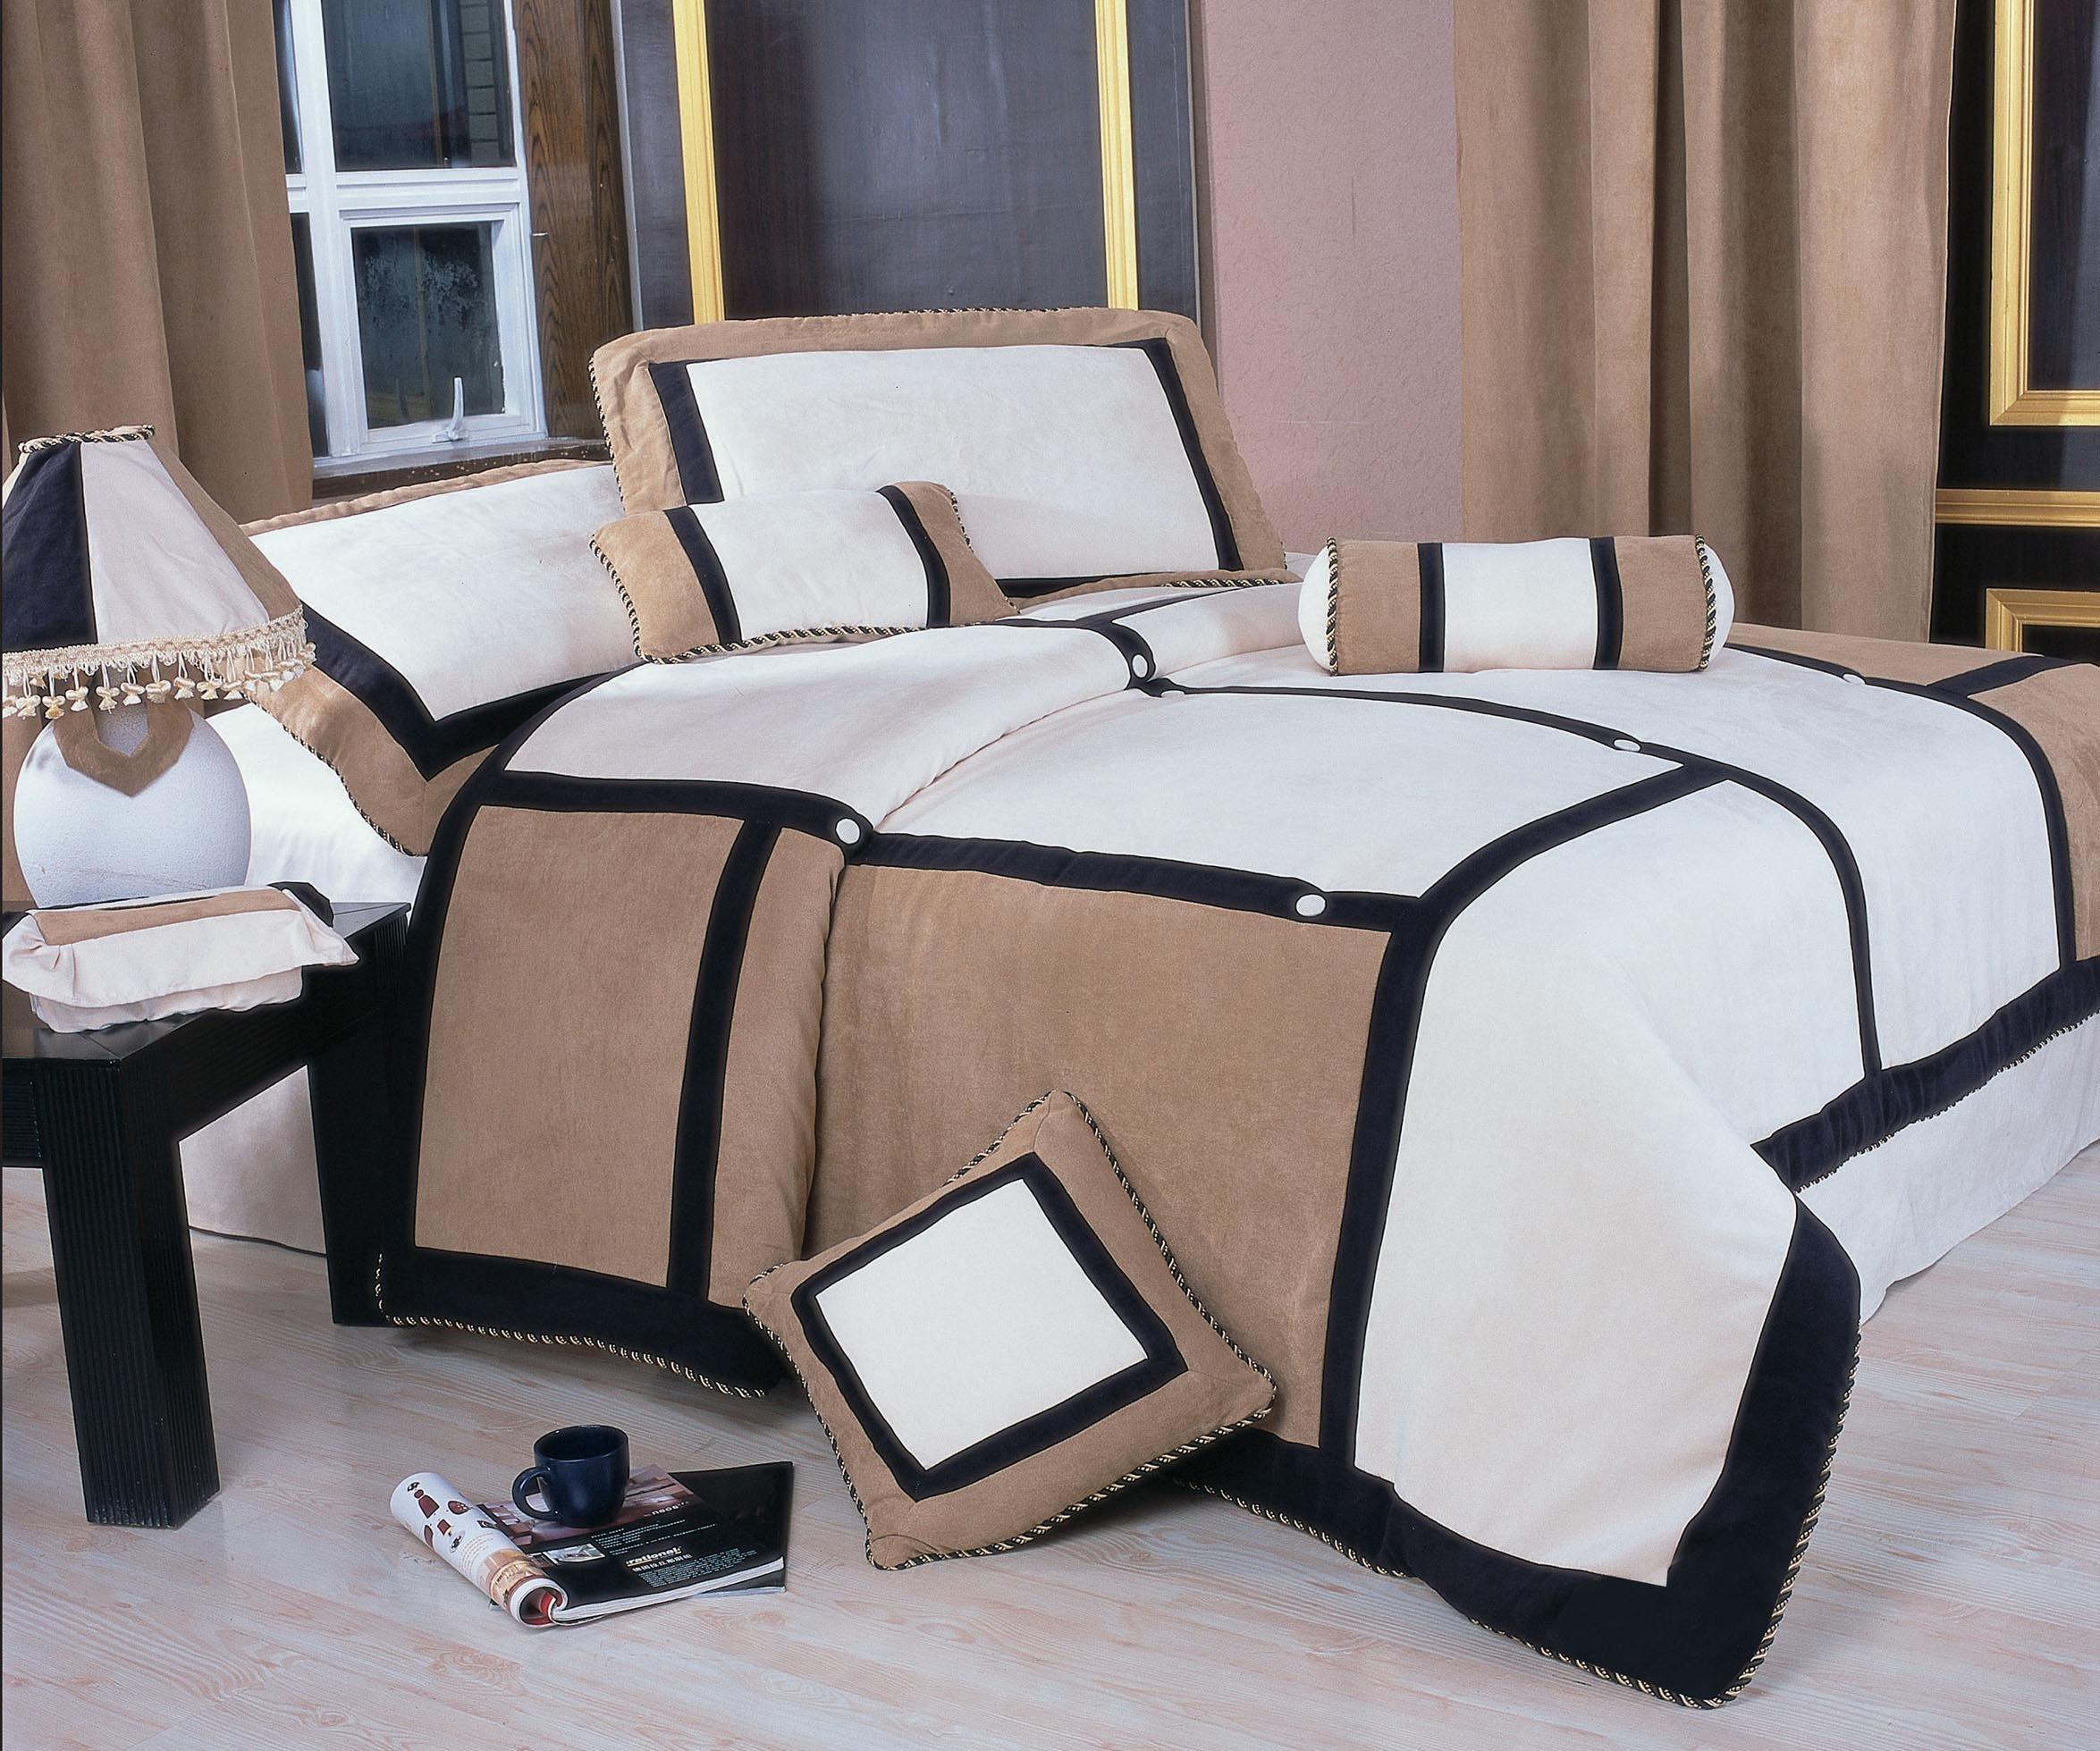 Nanshing America Merriddia Microsuede 7-Piece Comforter Set, King